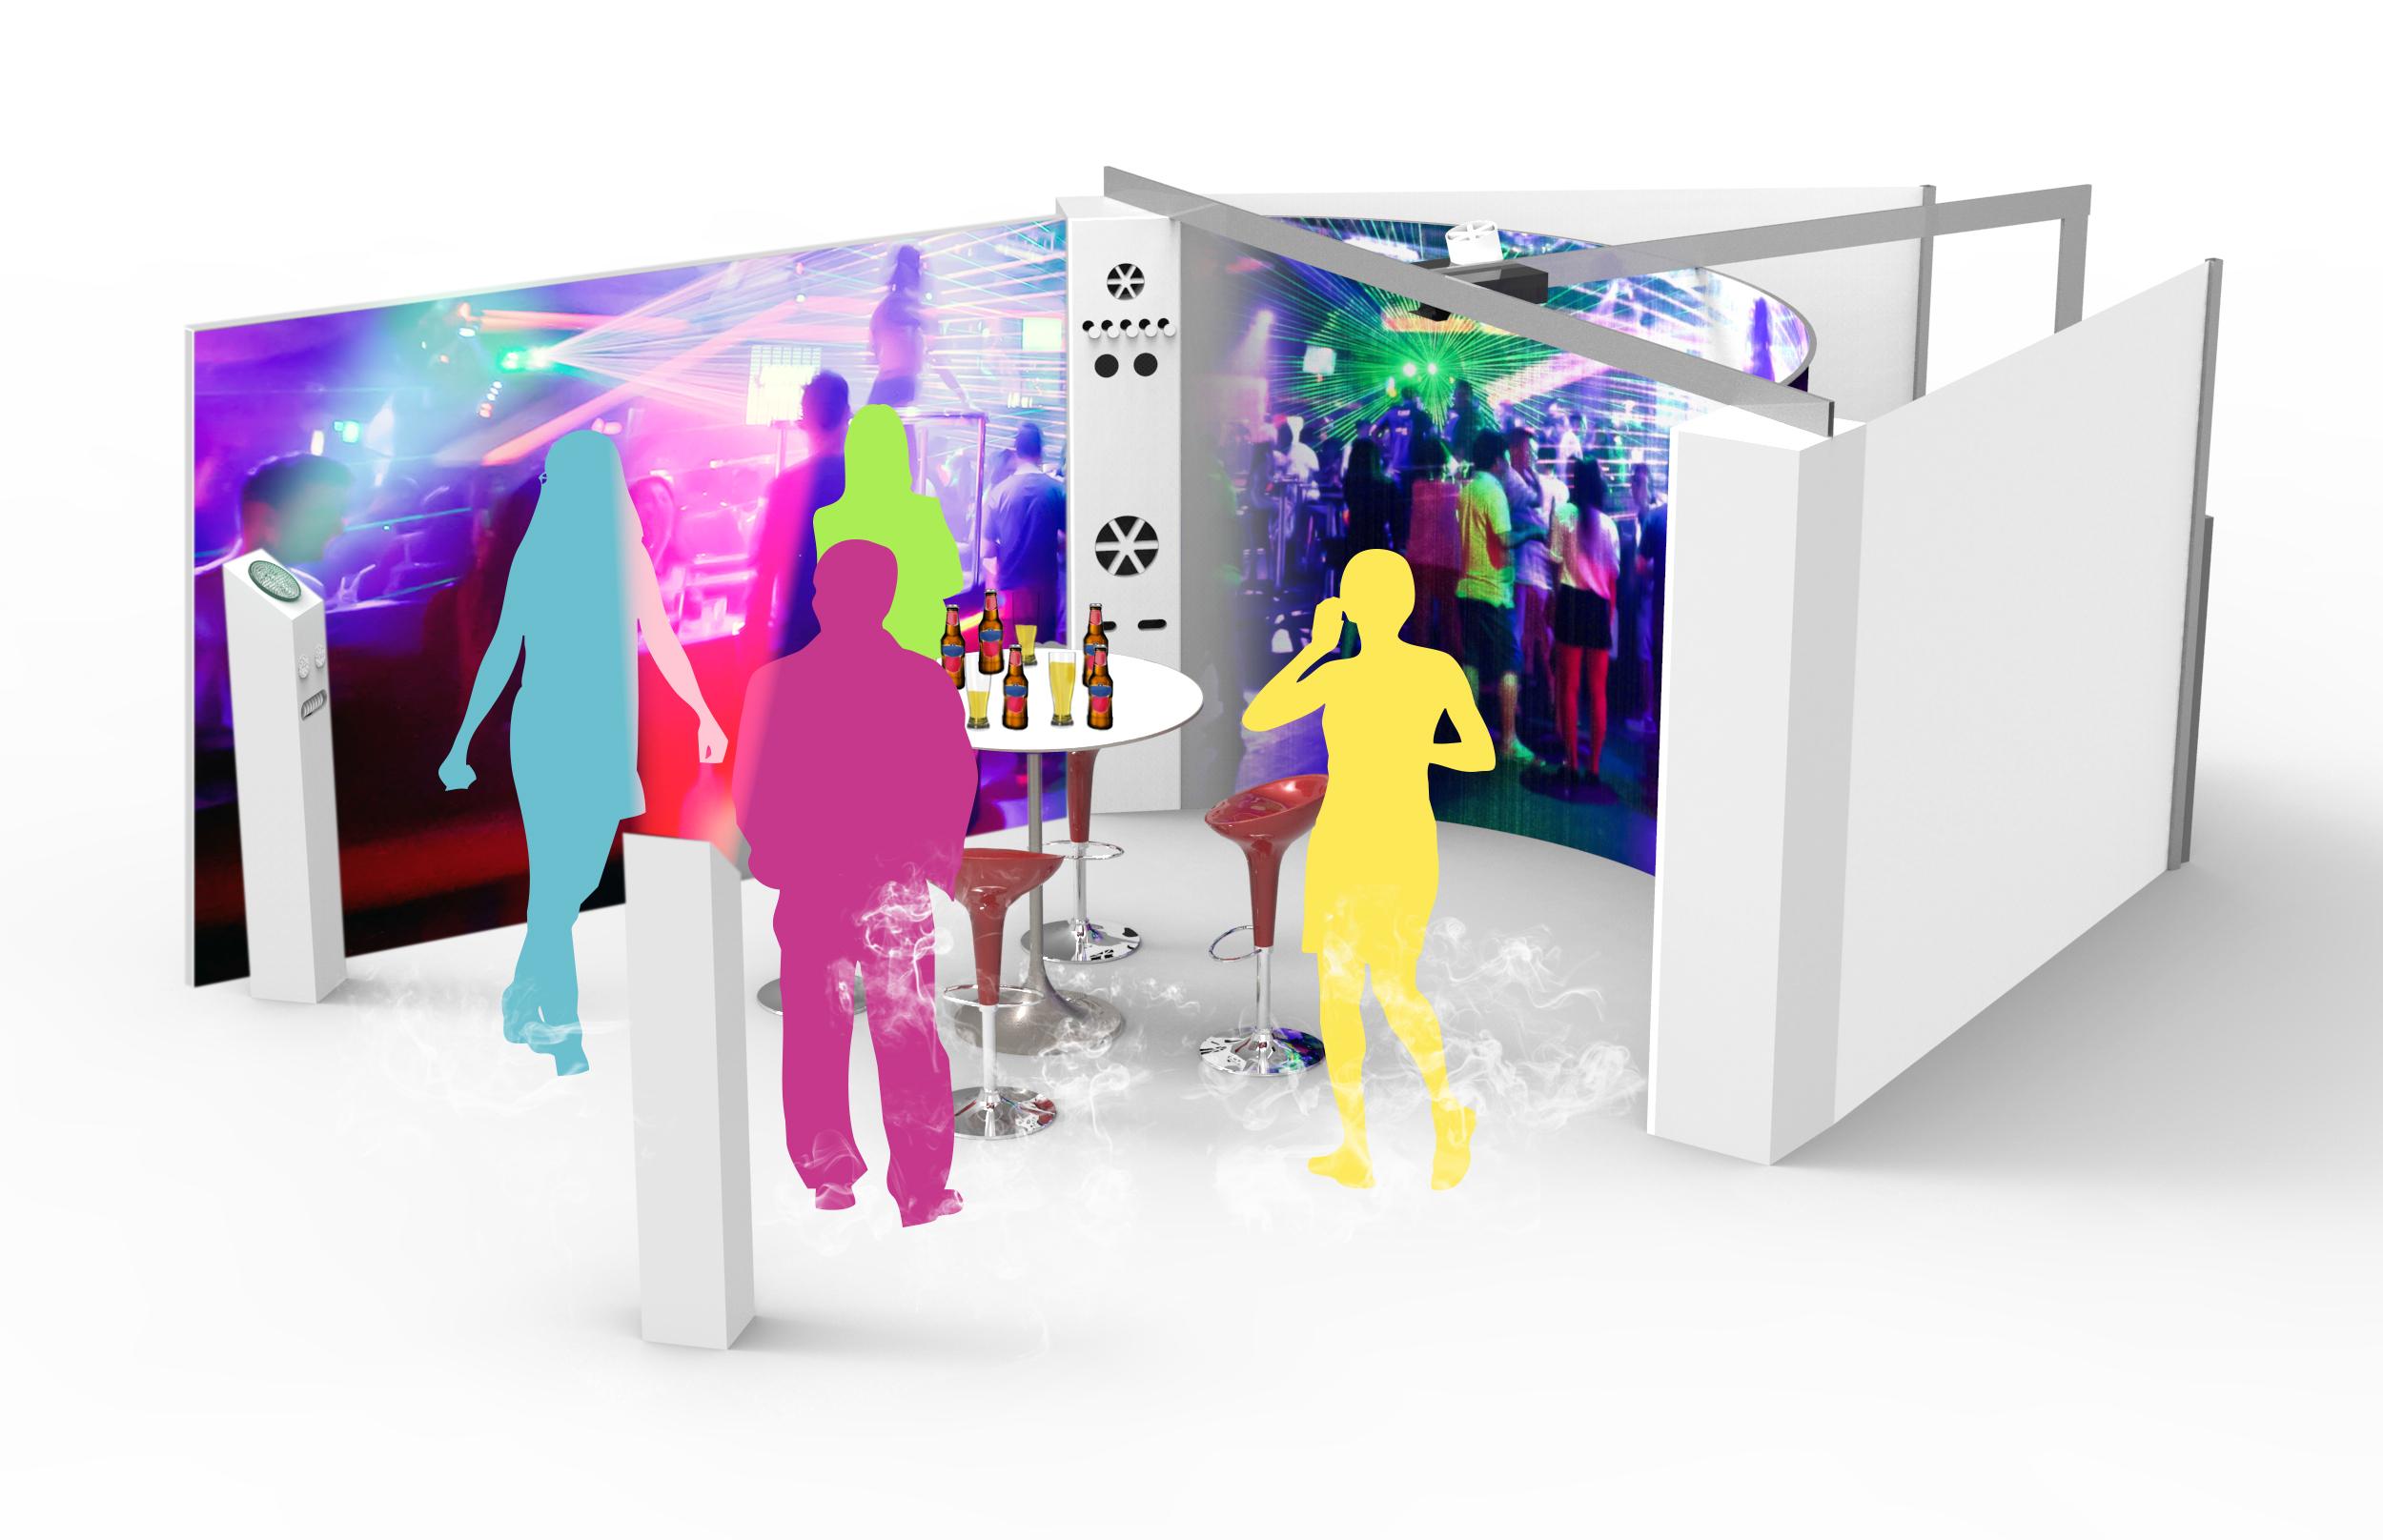 Immersive Room-enceinte-polysensoriel-polysensoriel-multi-sensoriel-multisensoriel-vent-fumée-brumisation-chaleur-froid-température-son-test produit-consommateur-marketing-communication-evenementiel-design